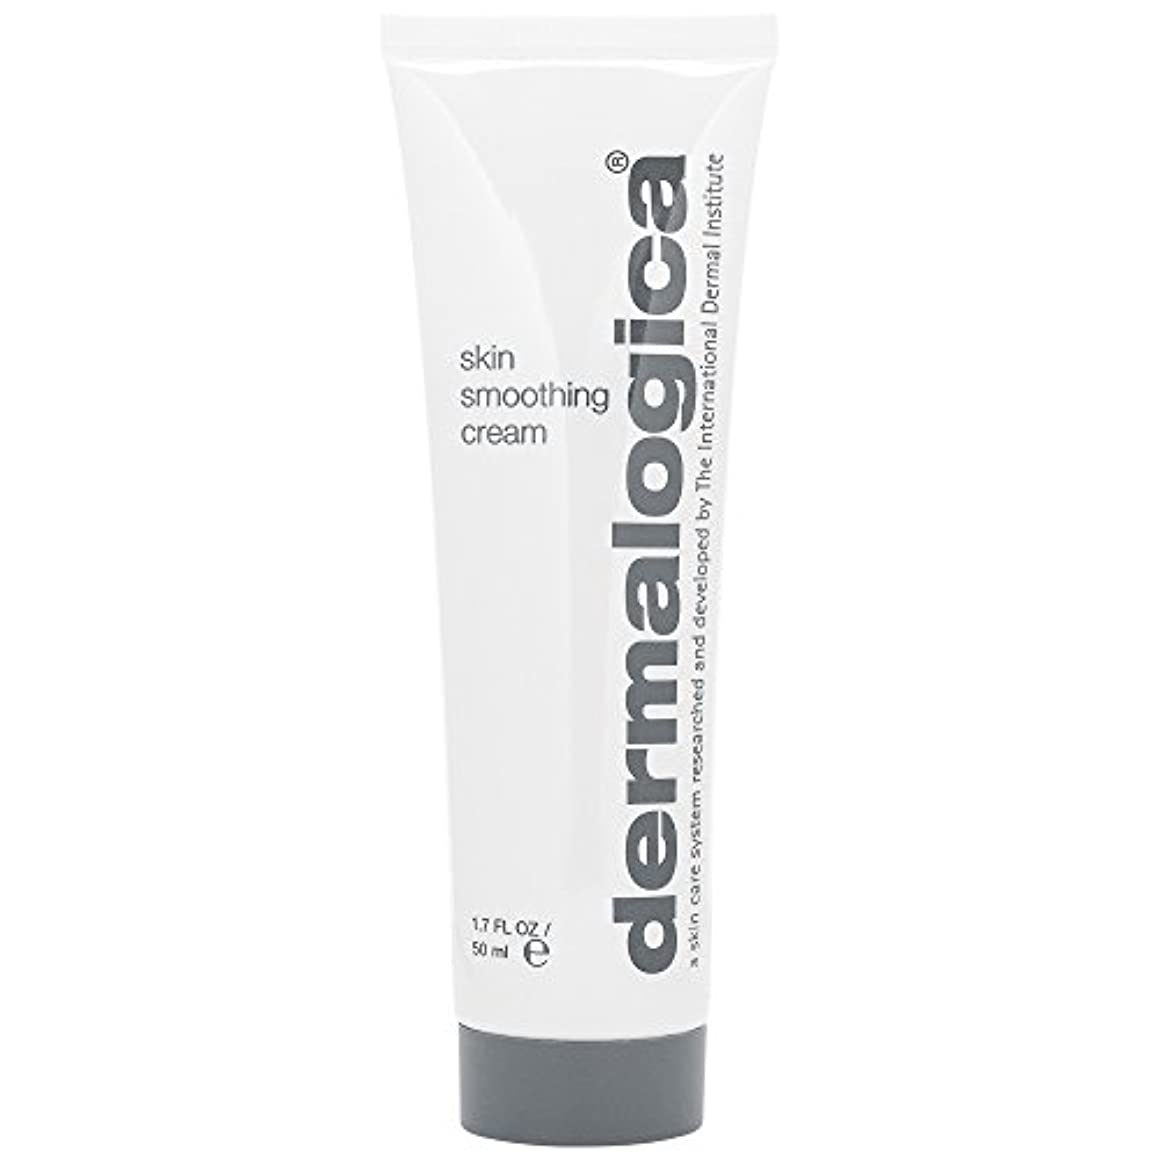 持つ不快ひねりダーマロジカスキンスムージングクリーム50ミリリットル (Dermalogica) (x6) - Dermalogica Skin Smoothing Cream 50ml (Pack of 6) [並行輸入品]